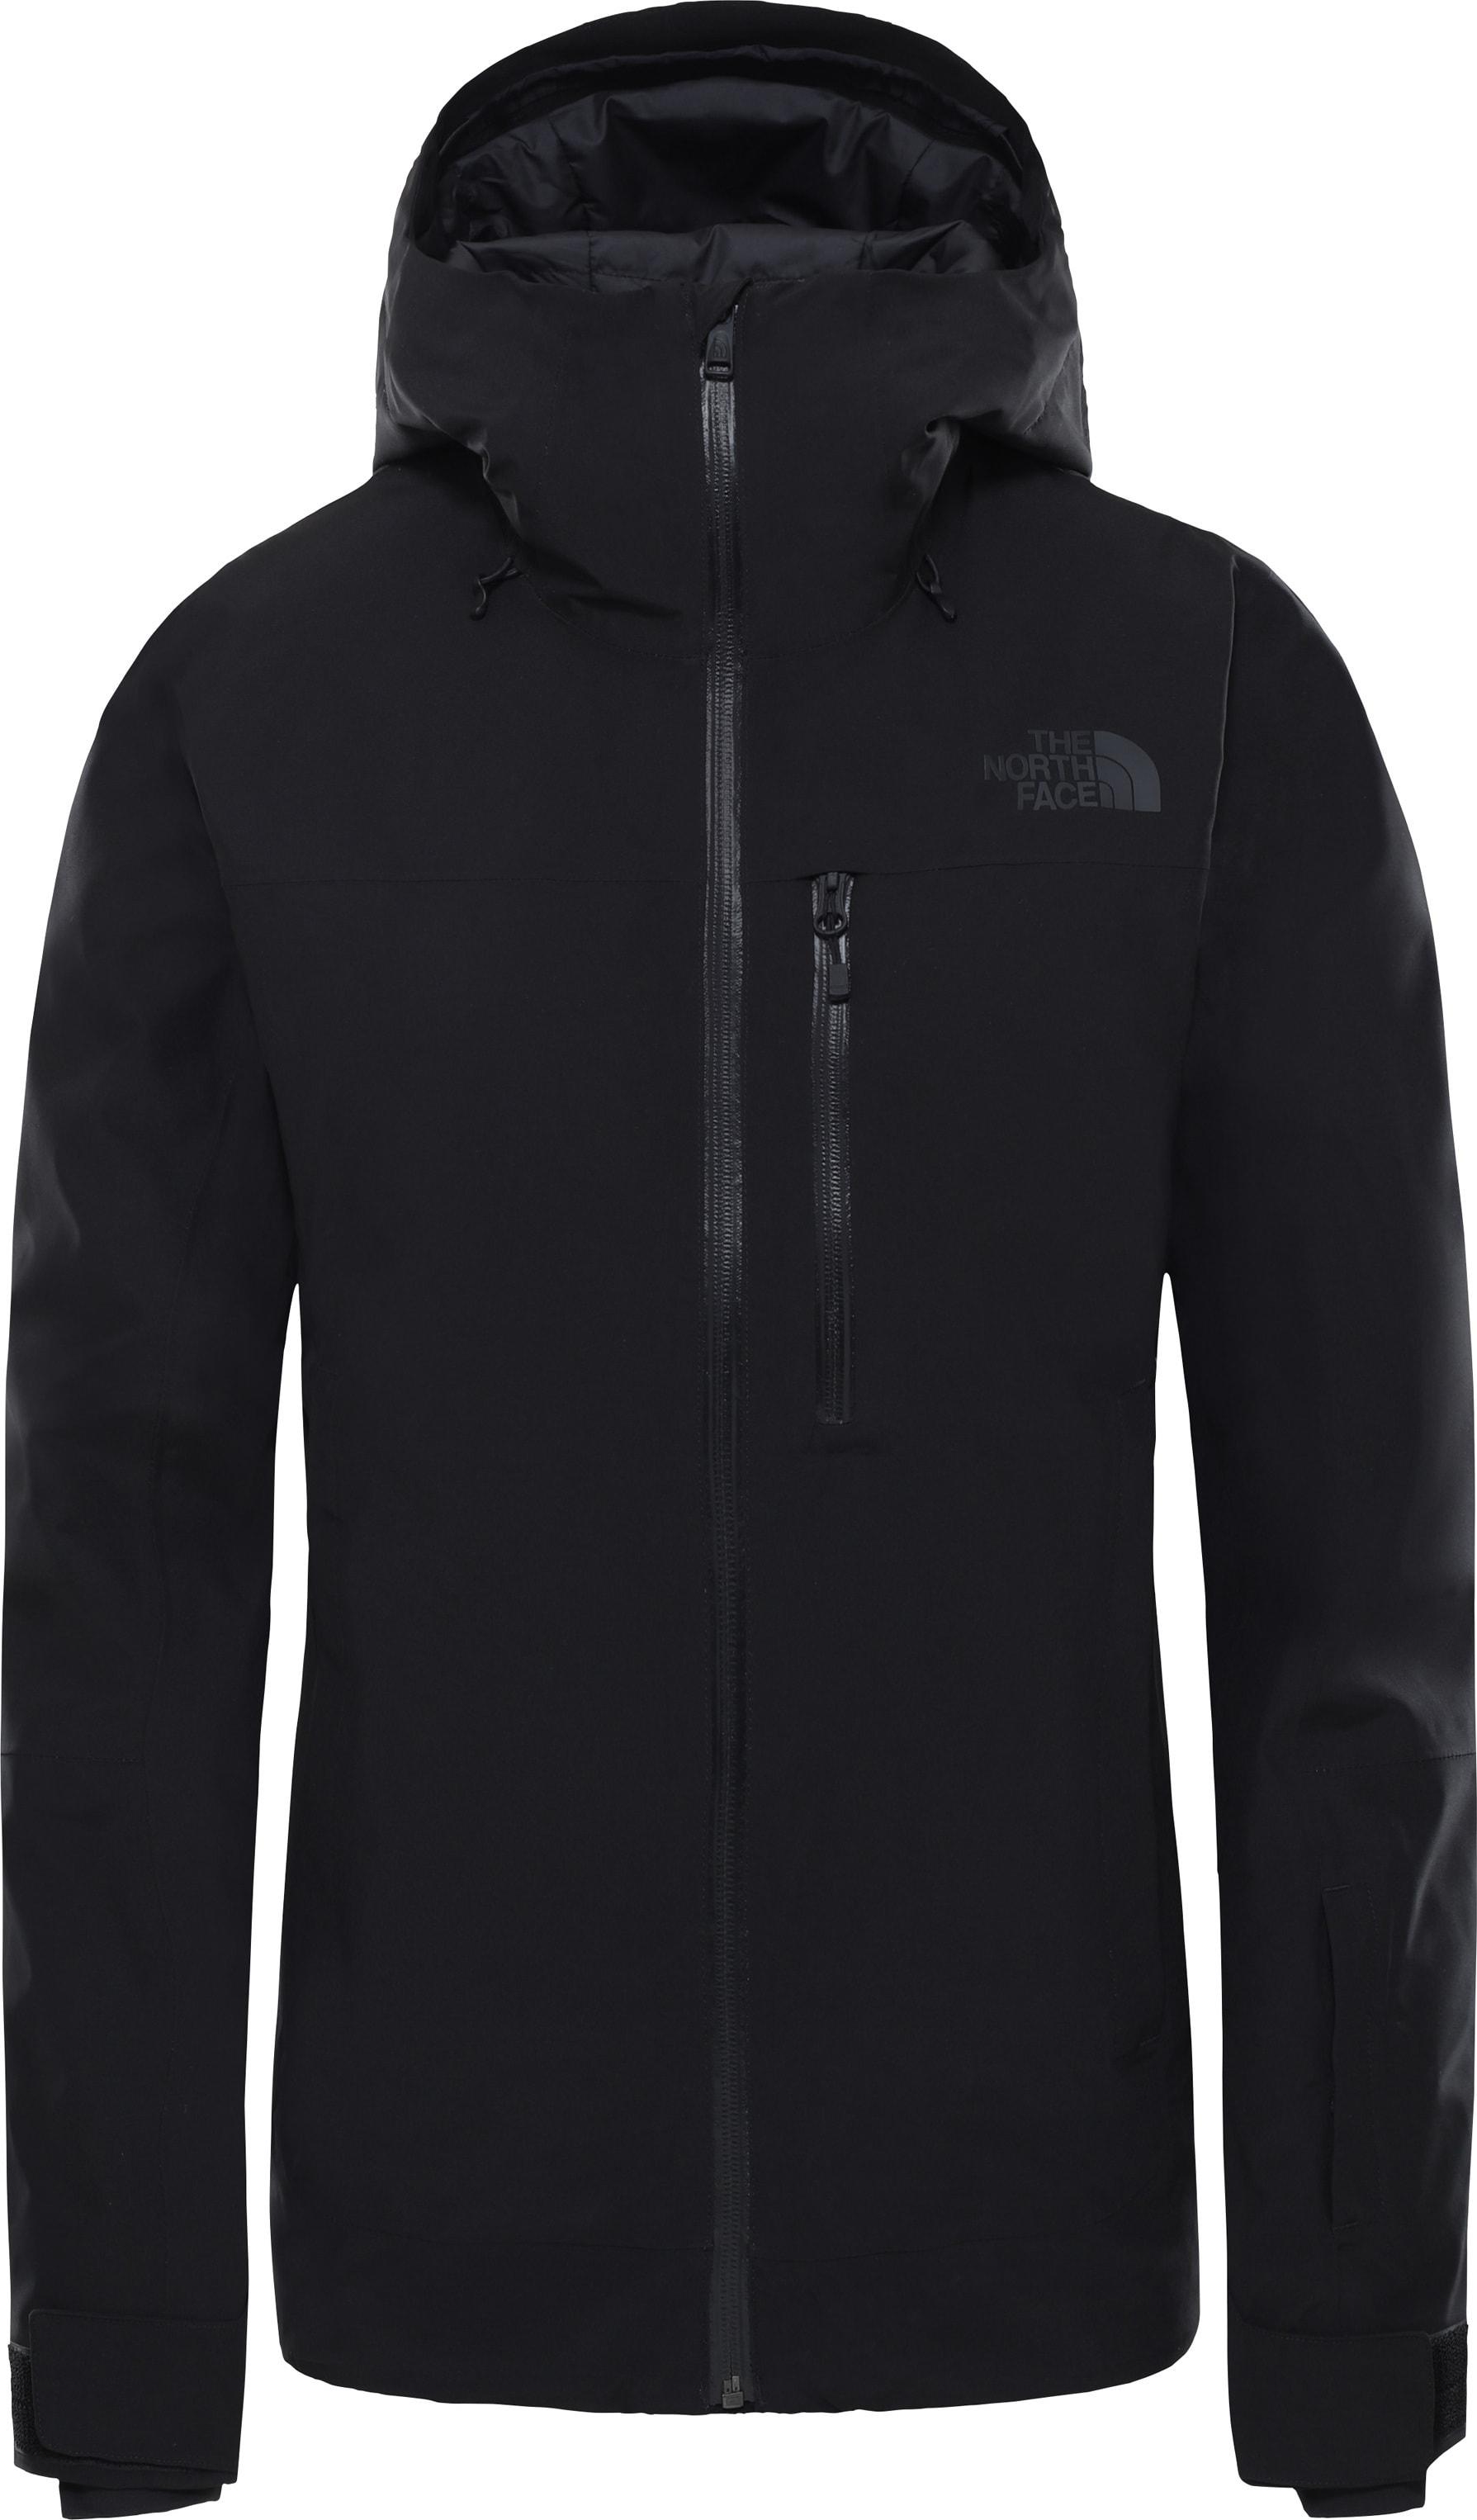 Kjøp The North Face Women's Descendit Jacket fra Outnorth